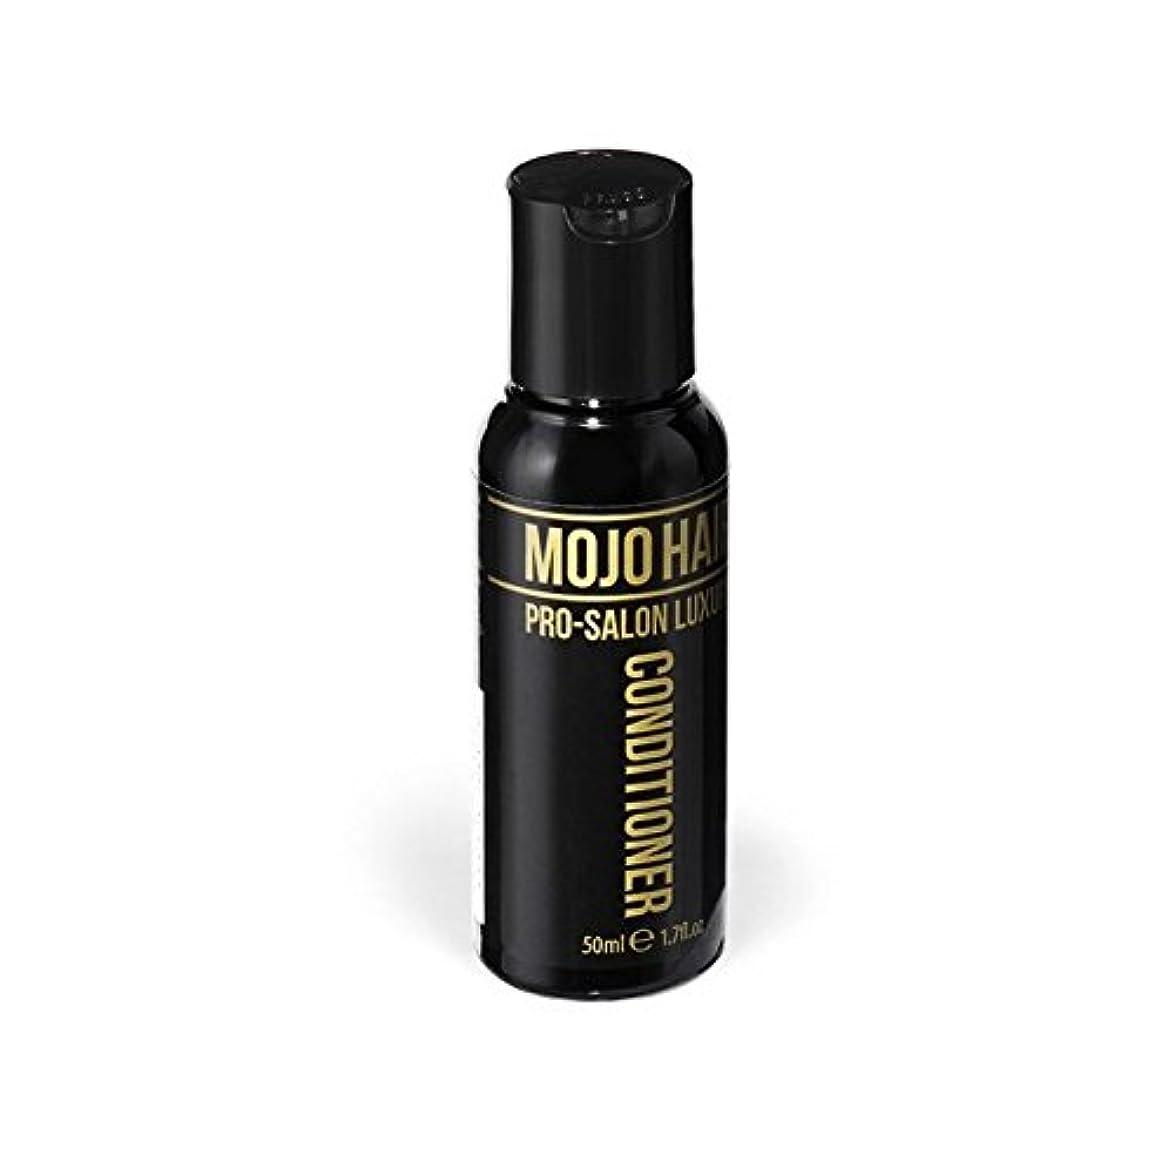 ビジュアルご飯軍団モジョの毛プロのサロンの贅沢なコンディショナー(50ミリリットル) x4 - Mojo Hair Pro-Salon Luxury Conditioner (50ml) (Pack of 4) [並行輸入品]